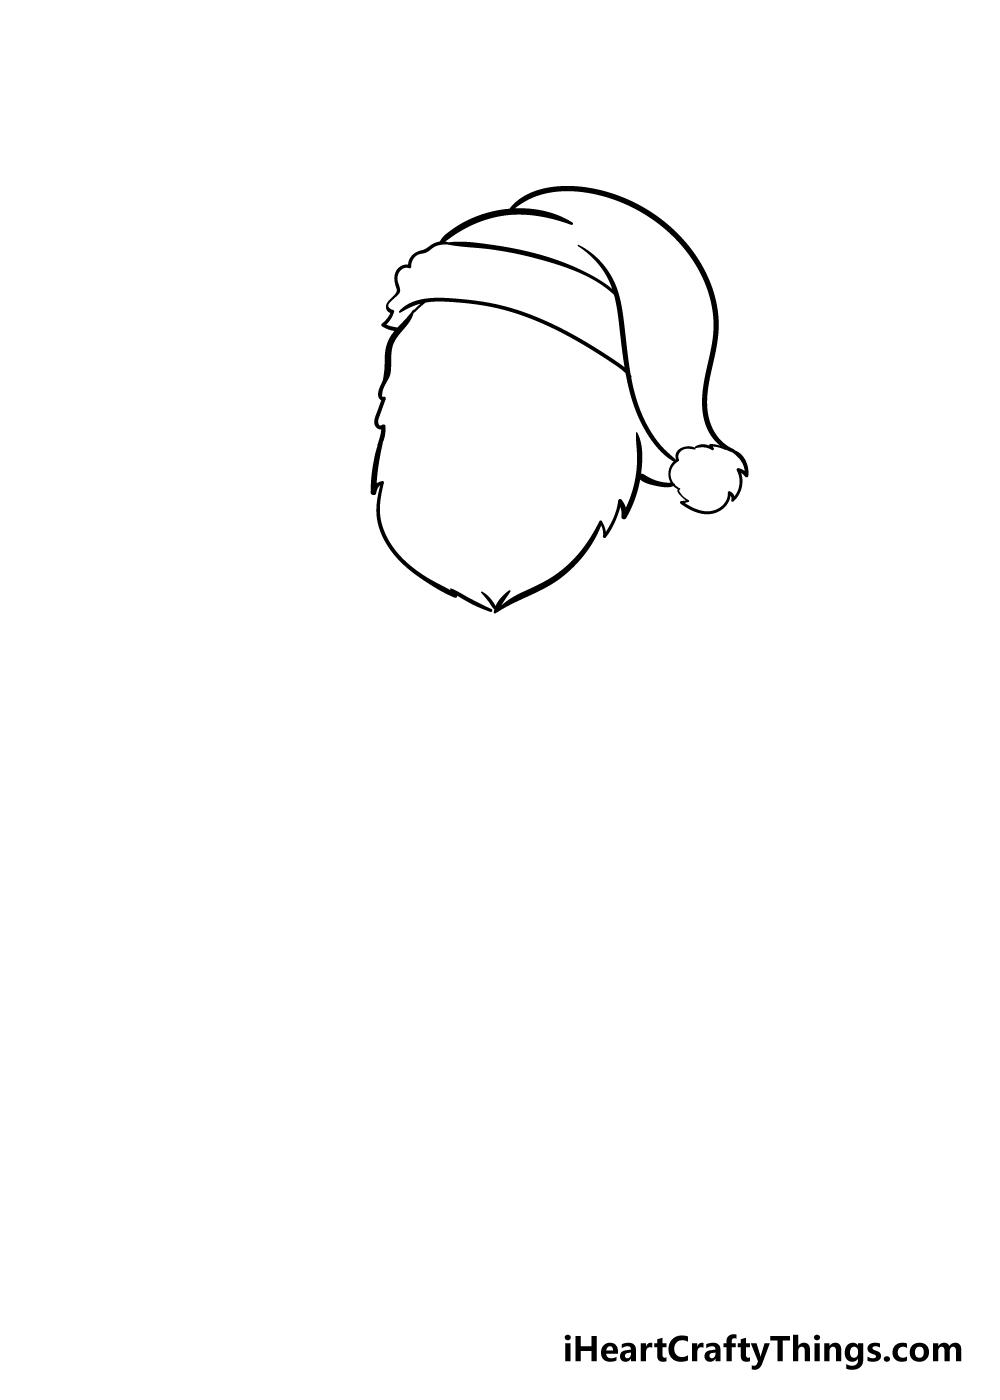 santa drawing step 2